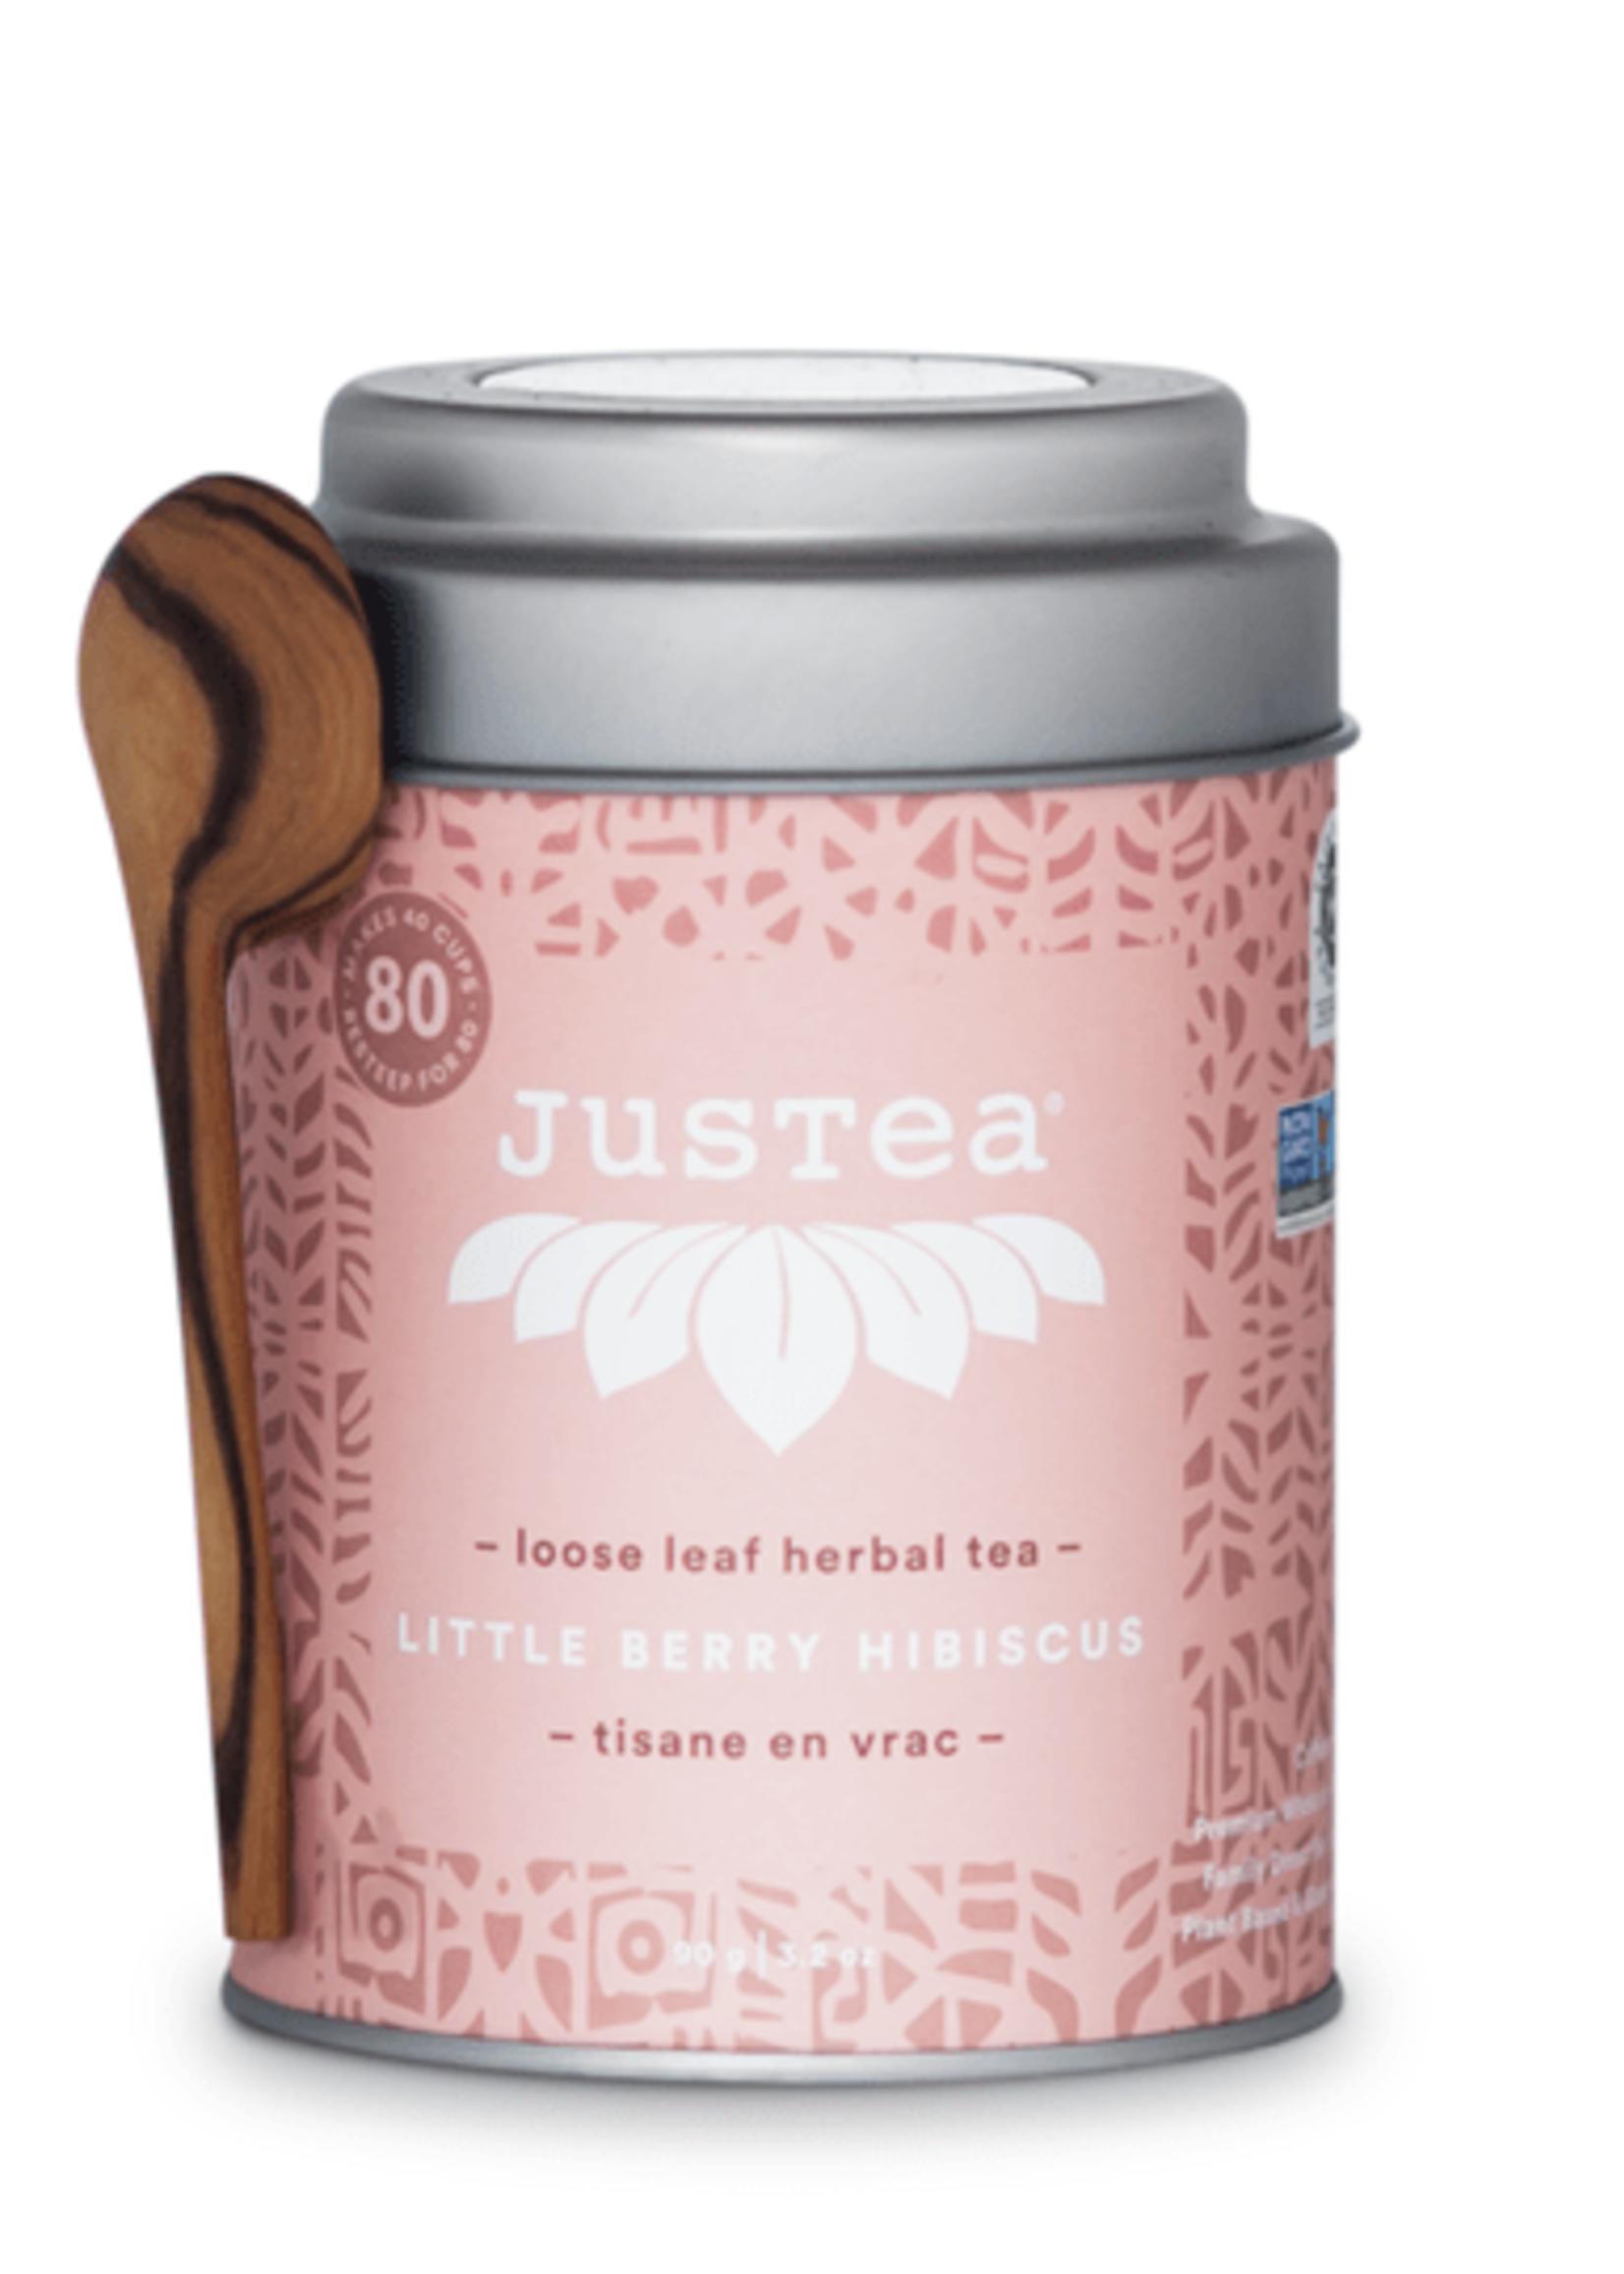 Justea Justea -  Little Berry Hibiscus